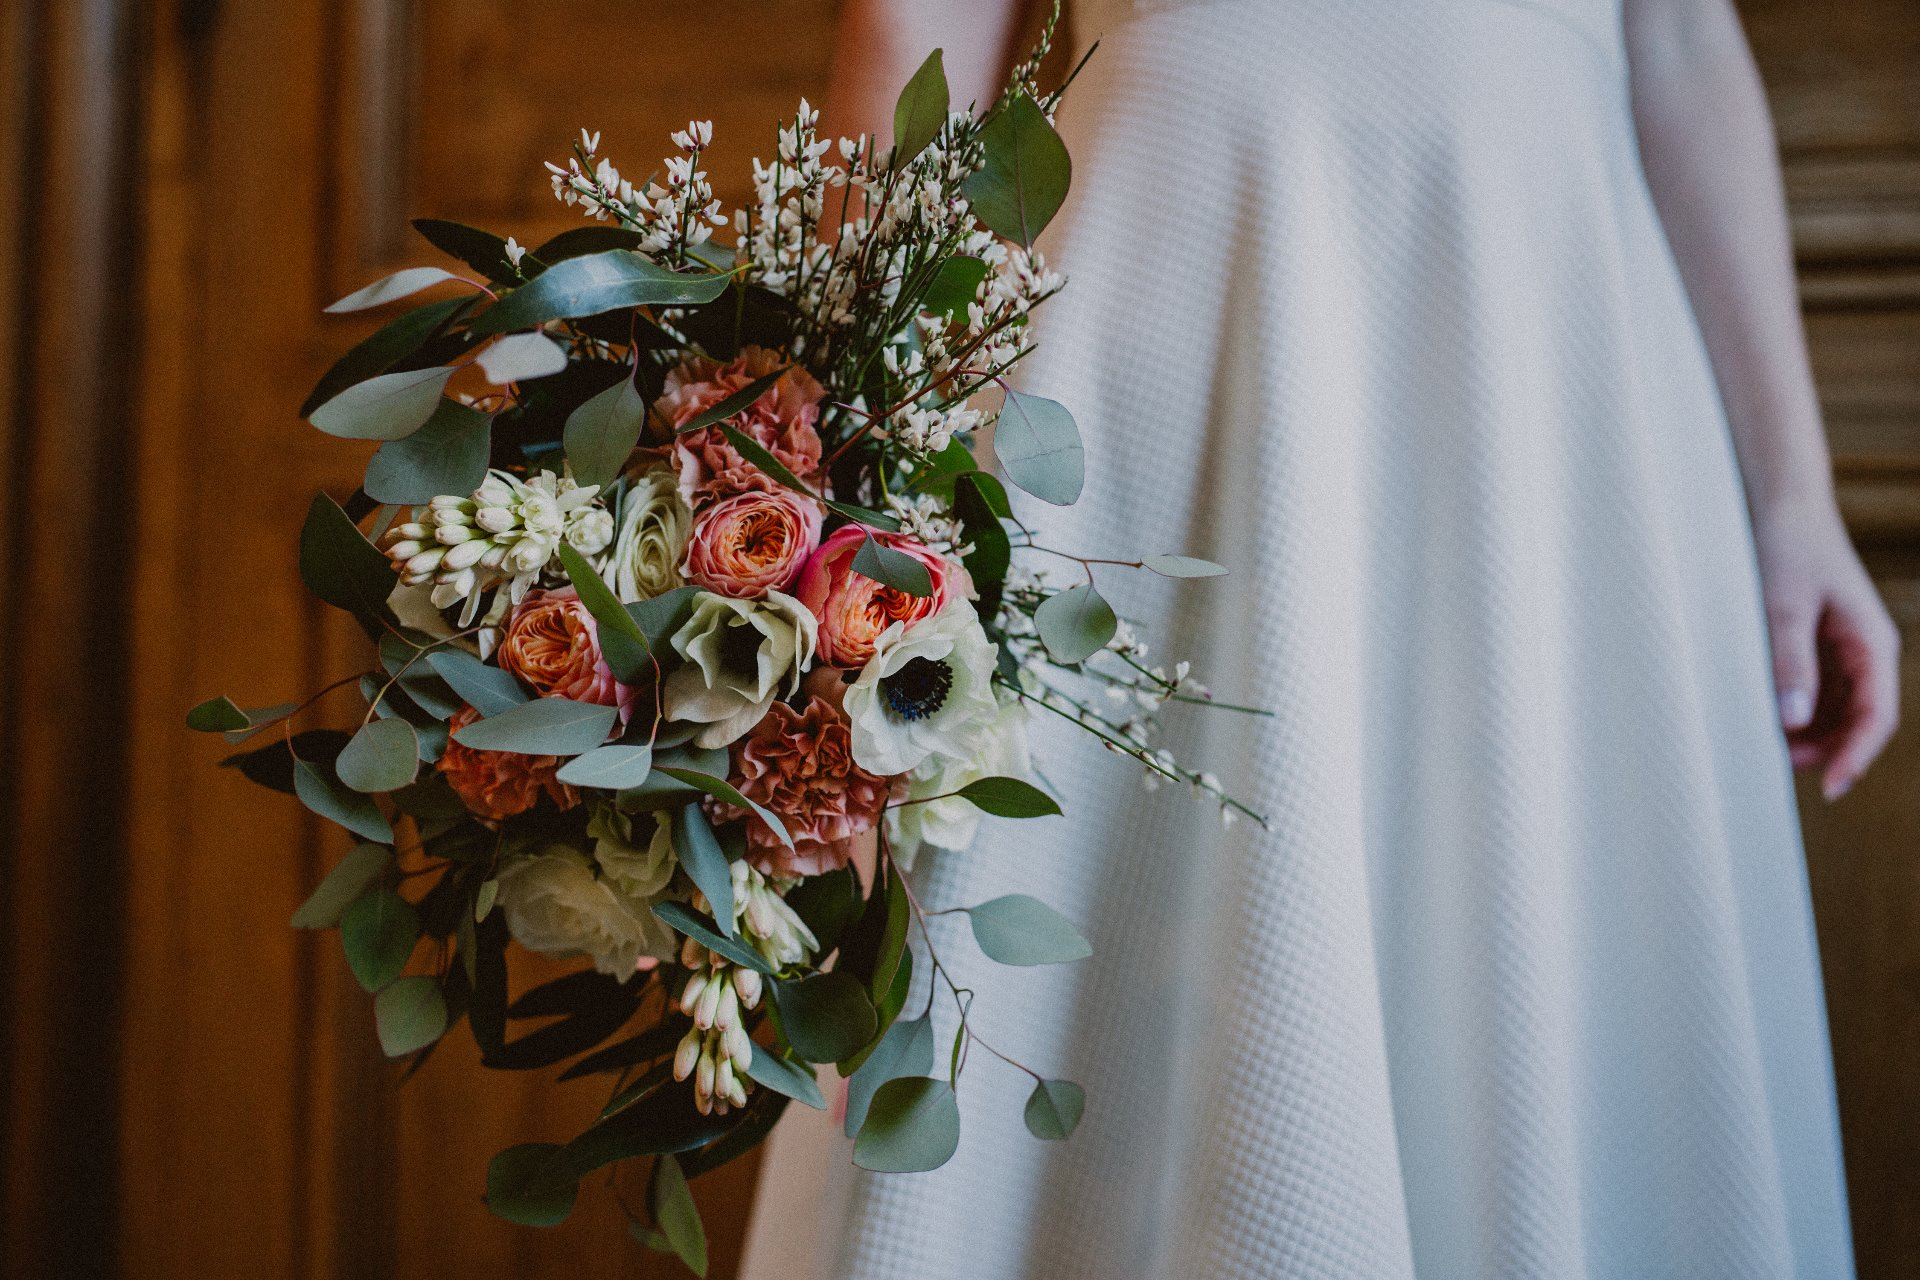 sterenn-officiante-ceremonie-laique-bouquet-mariee-229